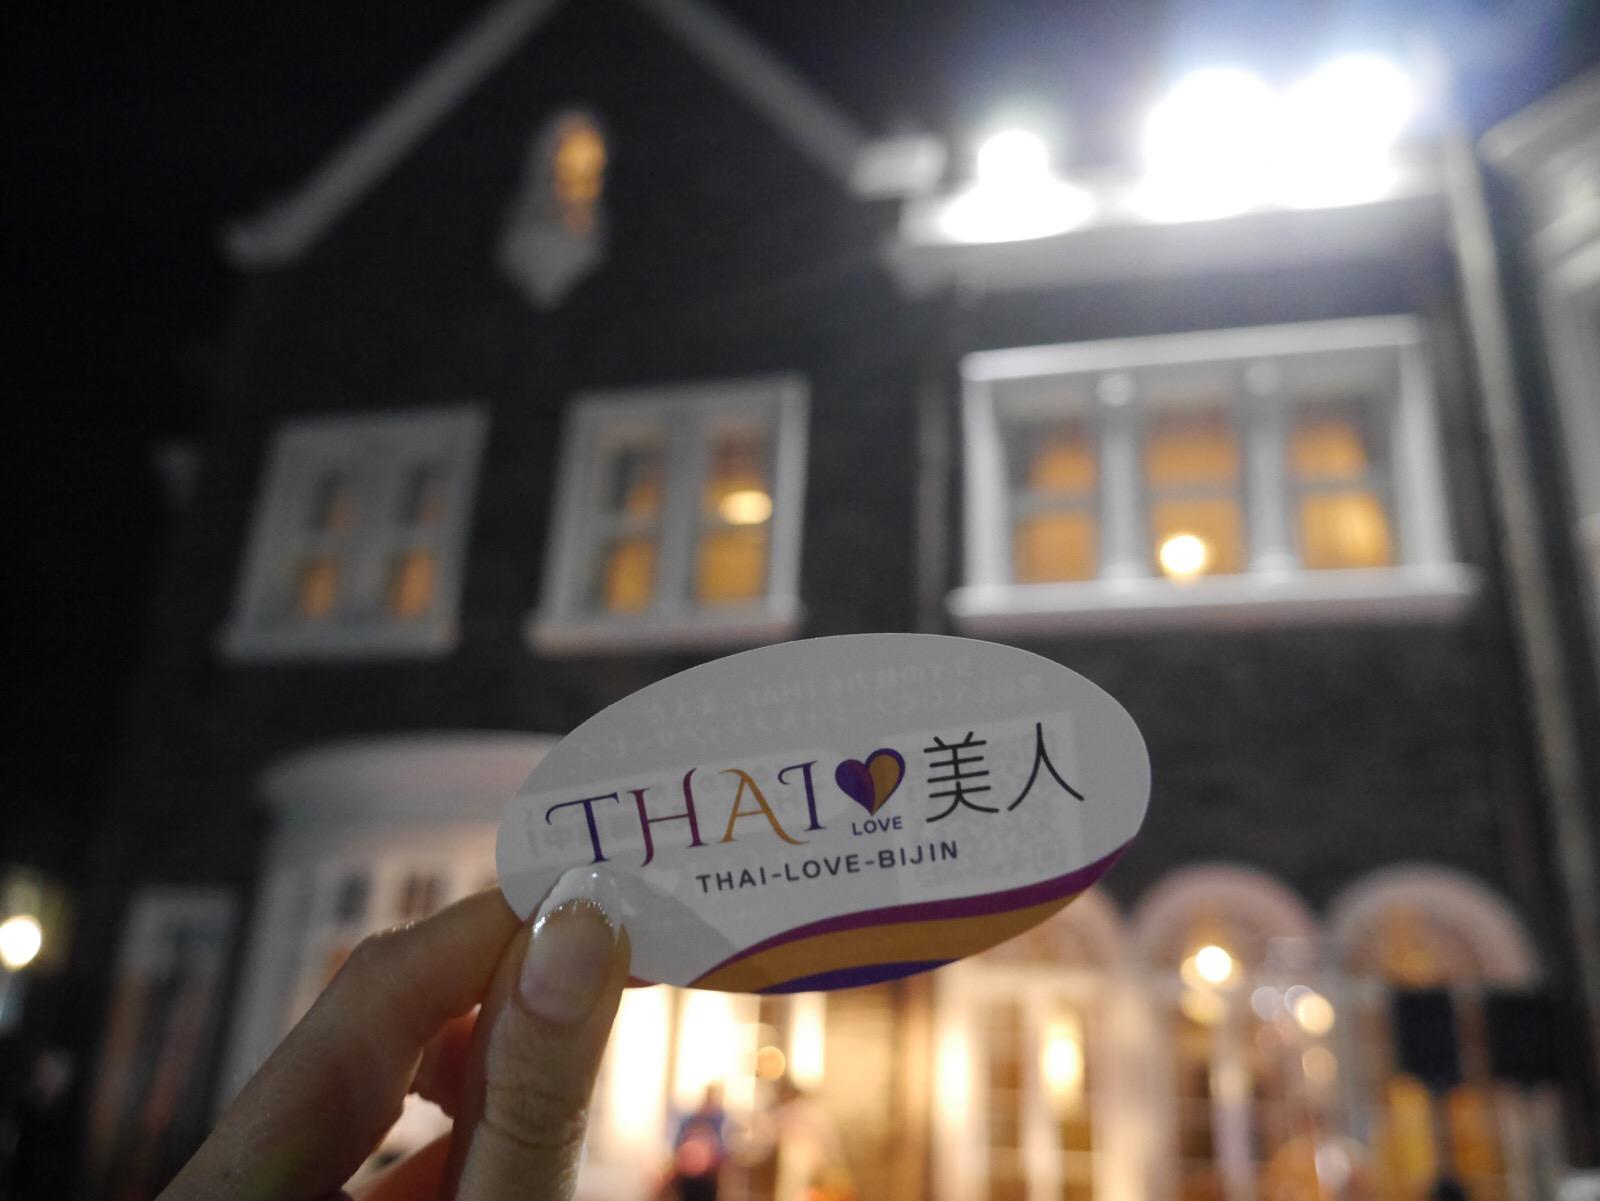 タイ大使館初潜入!【タイ料理の夕べ】レポート